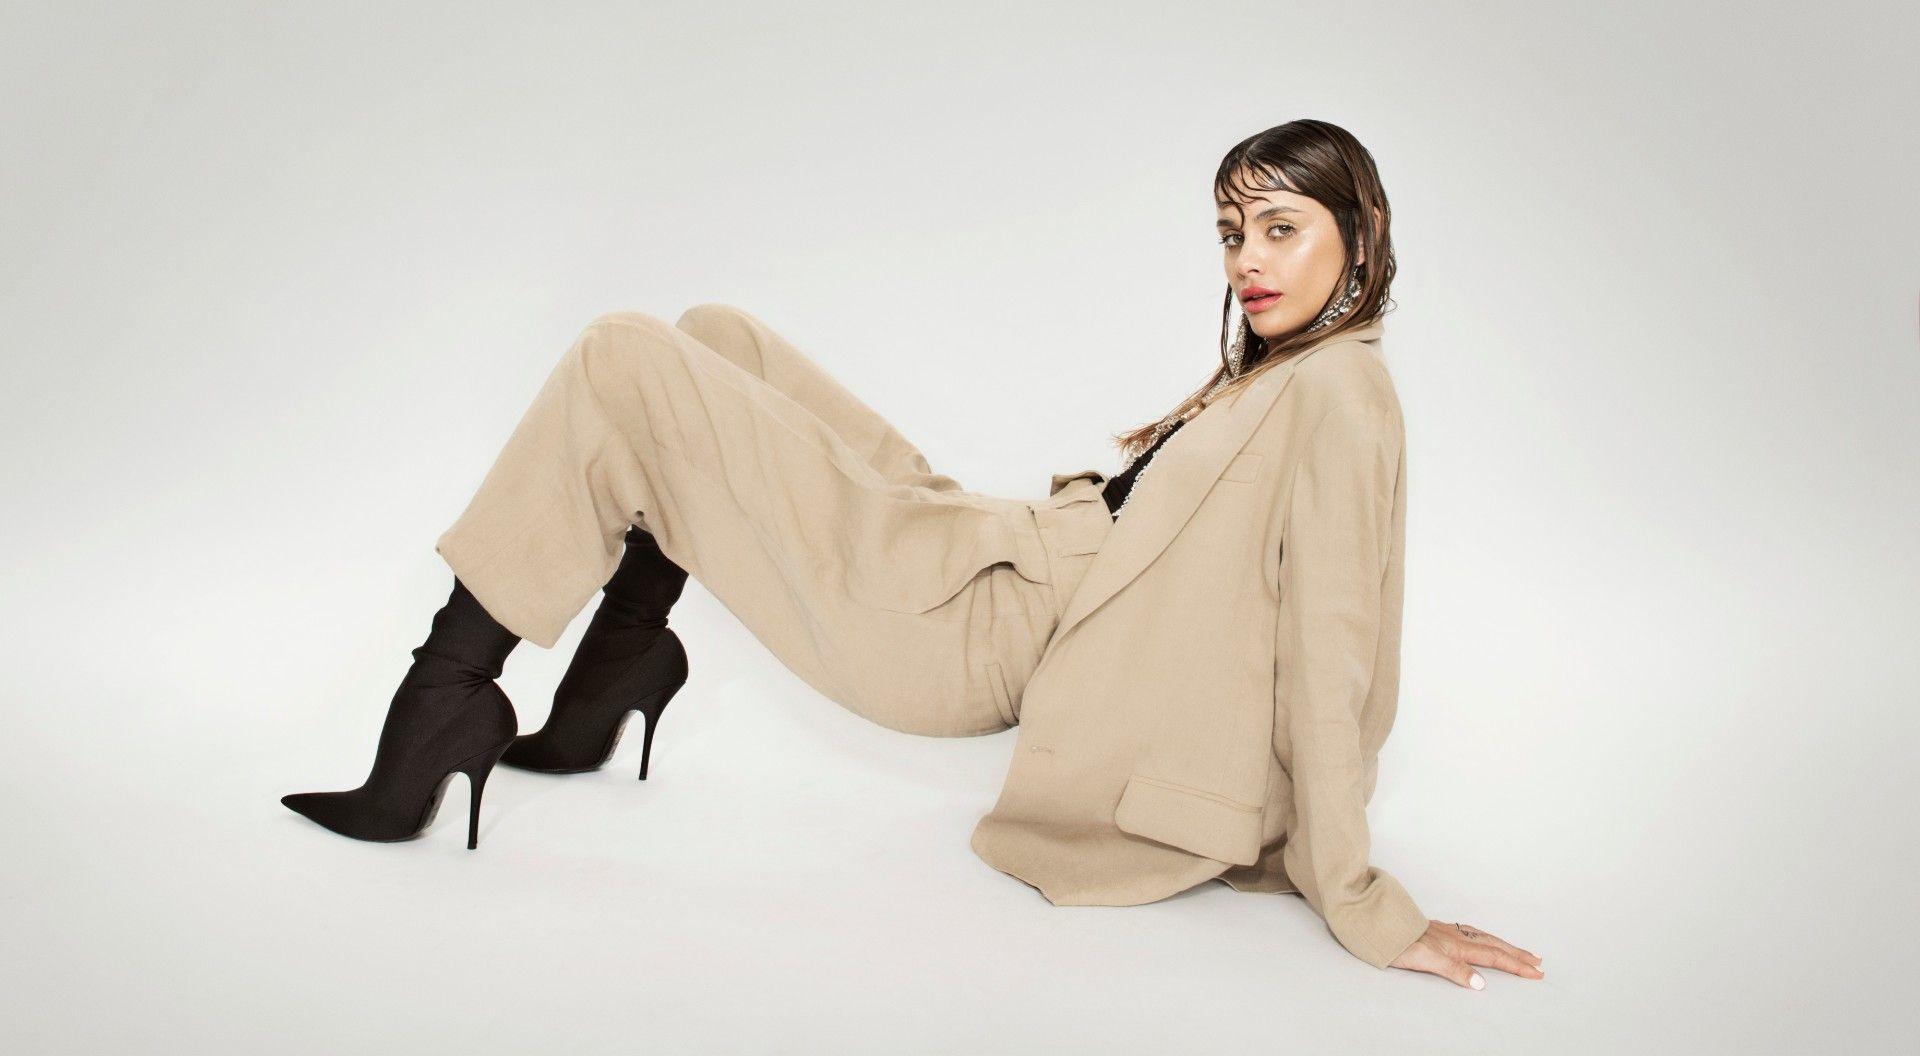 Moda futurista- Créditos: Sofía Garbarino